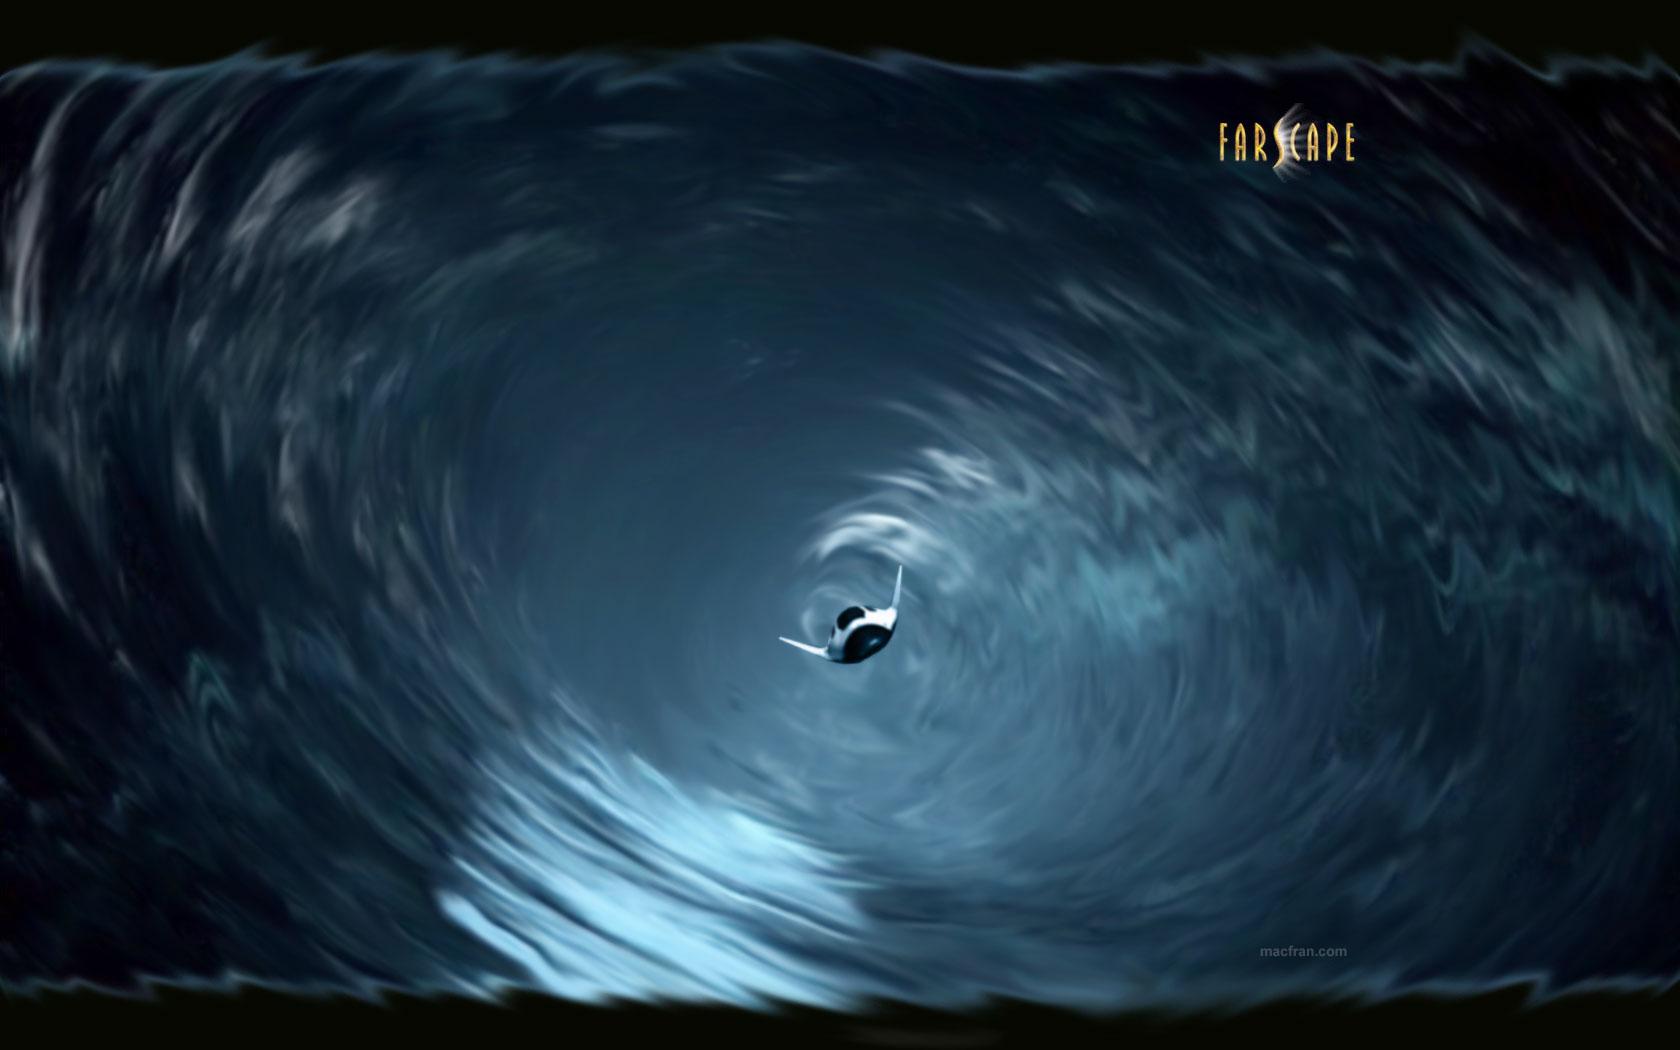 fisika 9: lubang cacing (wormhole)